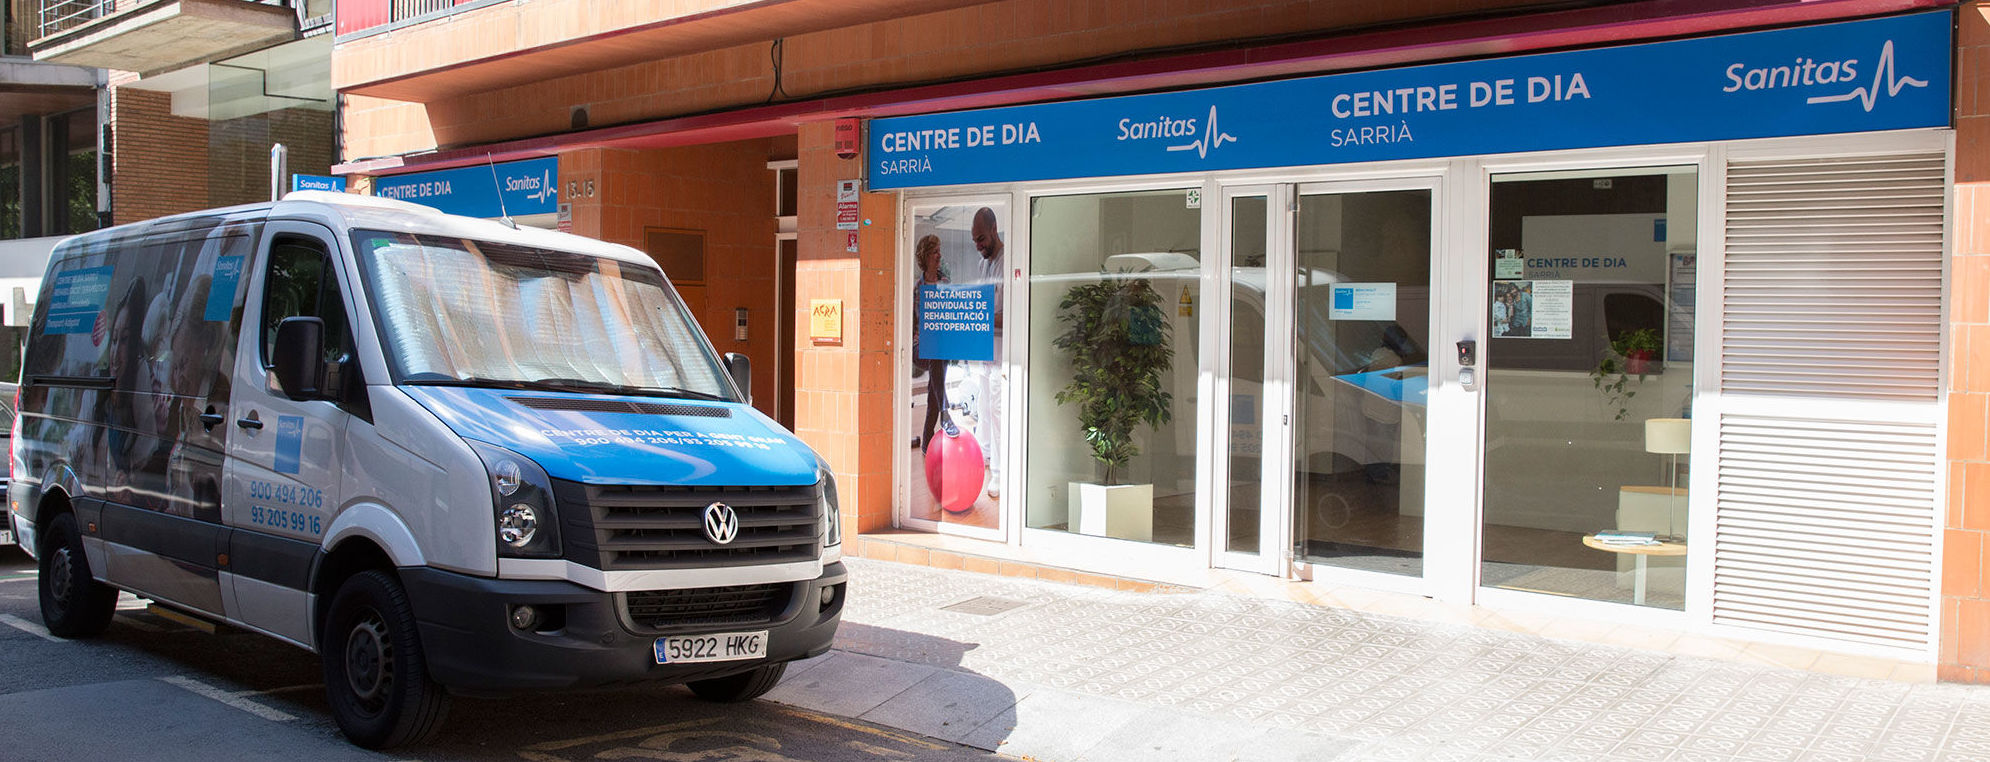 Fachada del Centro de día Sarrià